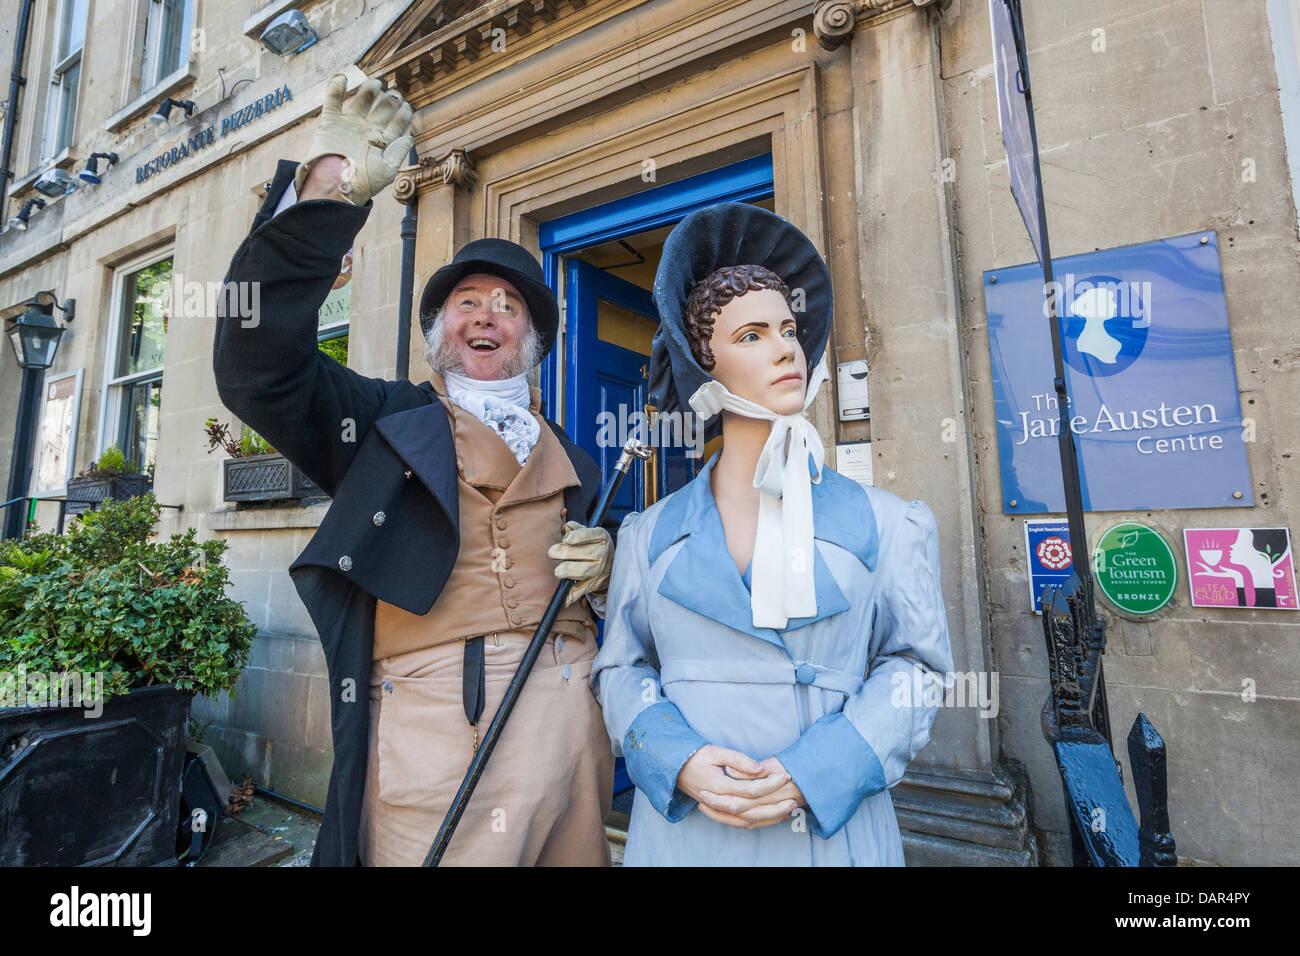 Inglaterra, Somerset, baño, entrada al centro de Jane Austen, Museo anfitrion Imagen De Stock